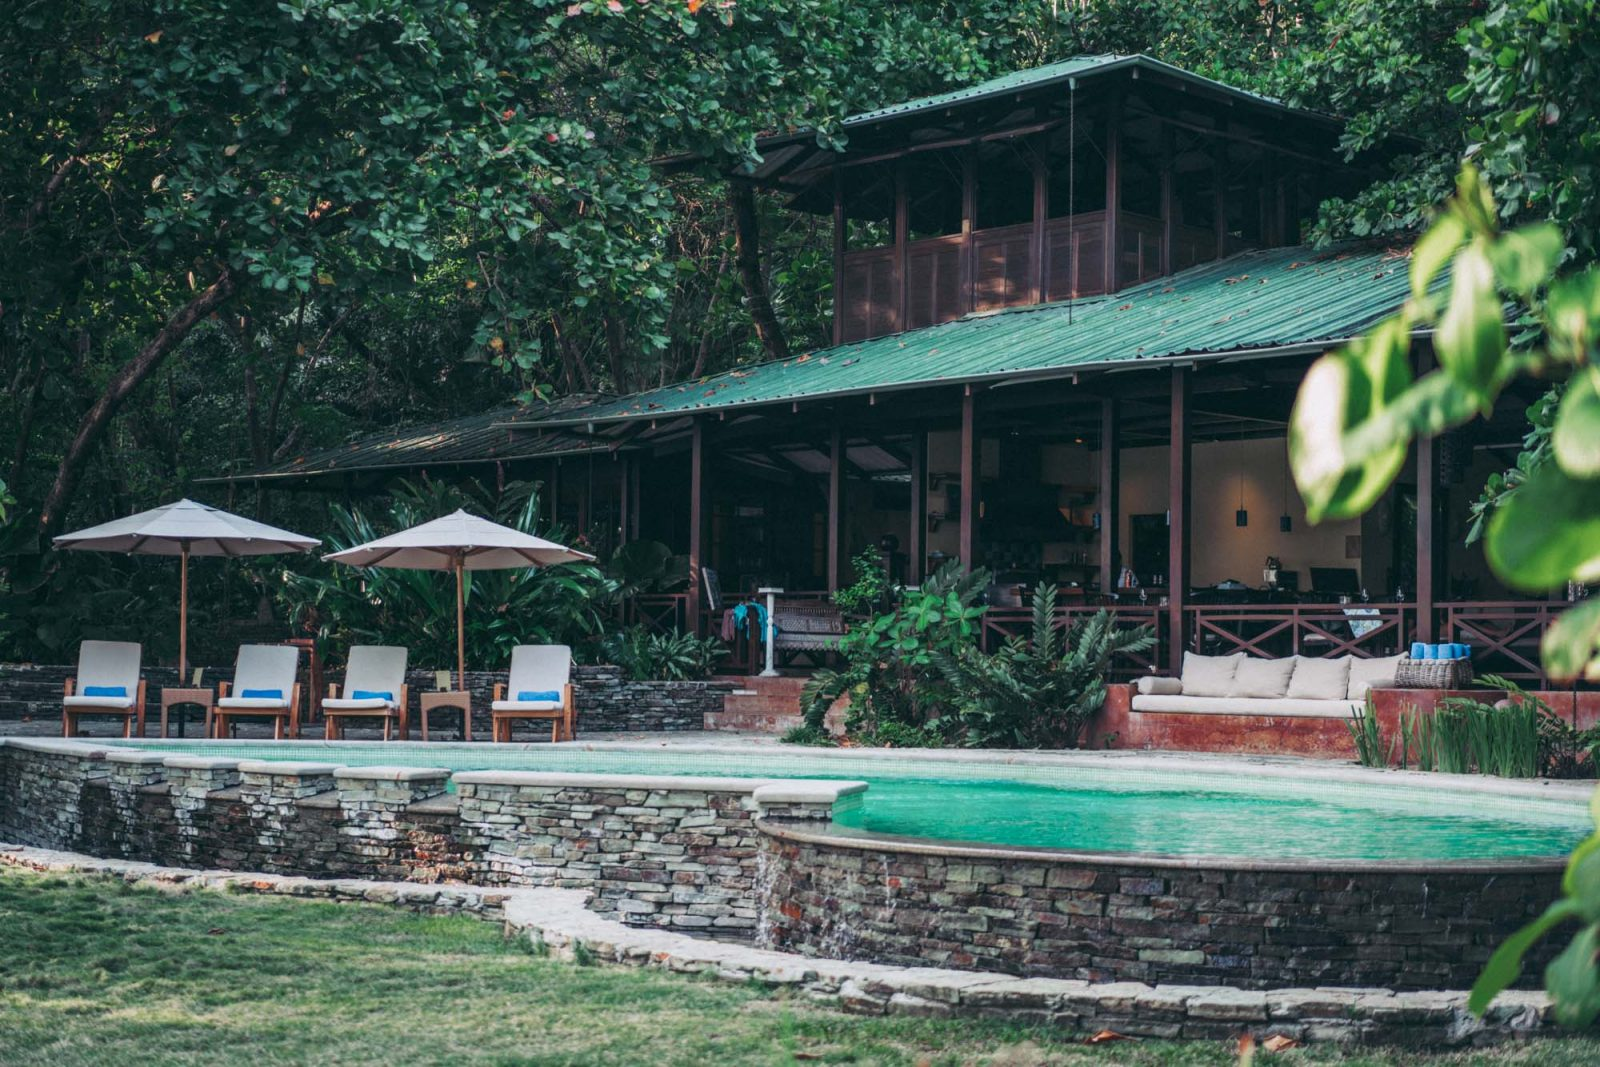 Restaurant and pool at Latitude 10 Resort, Santa Teresa